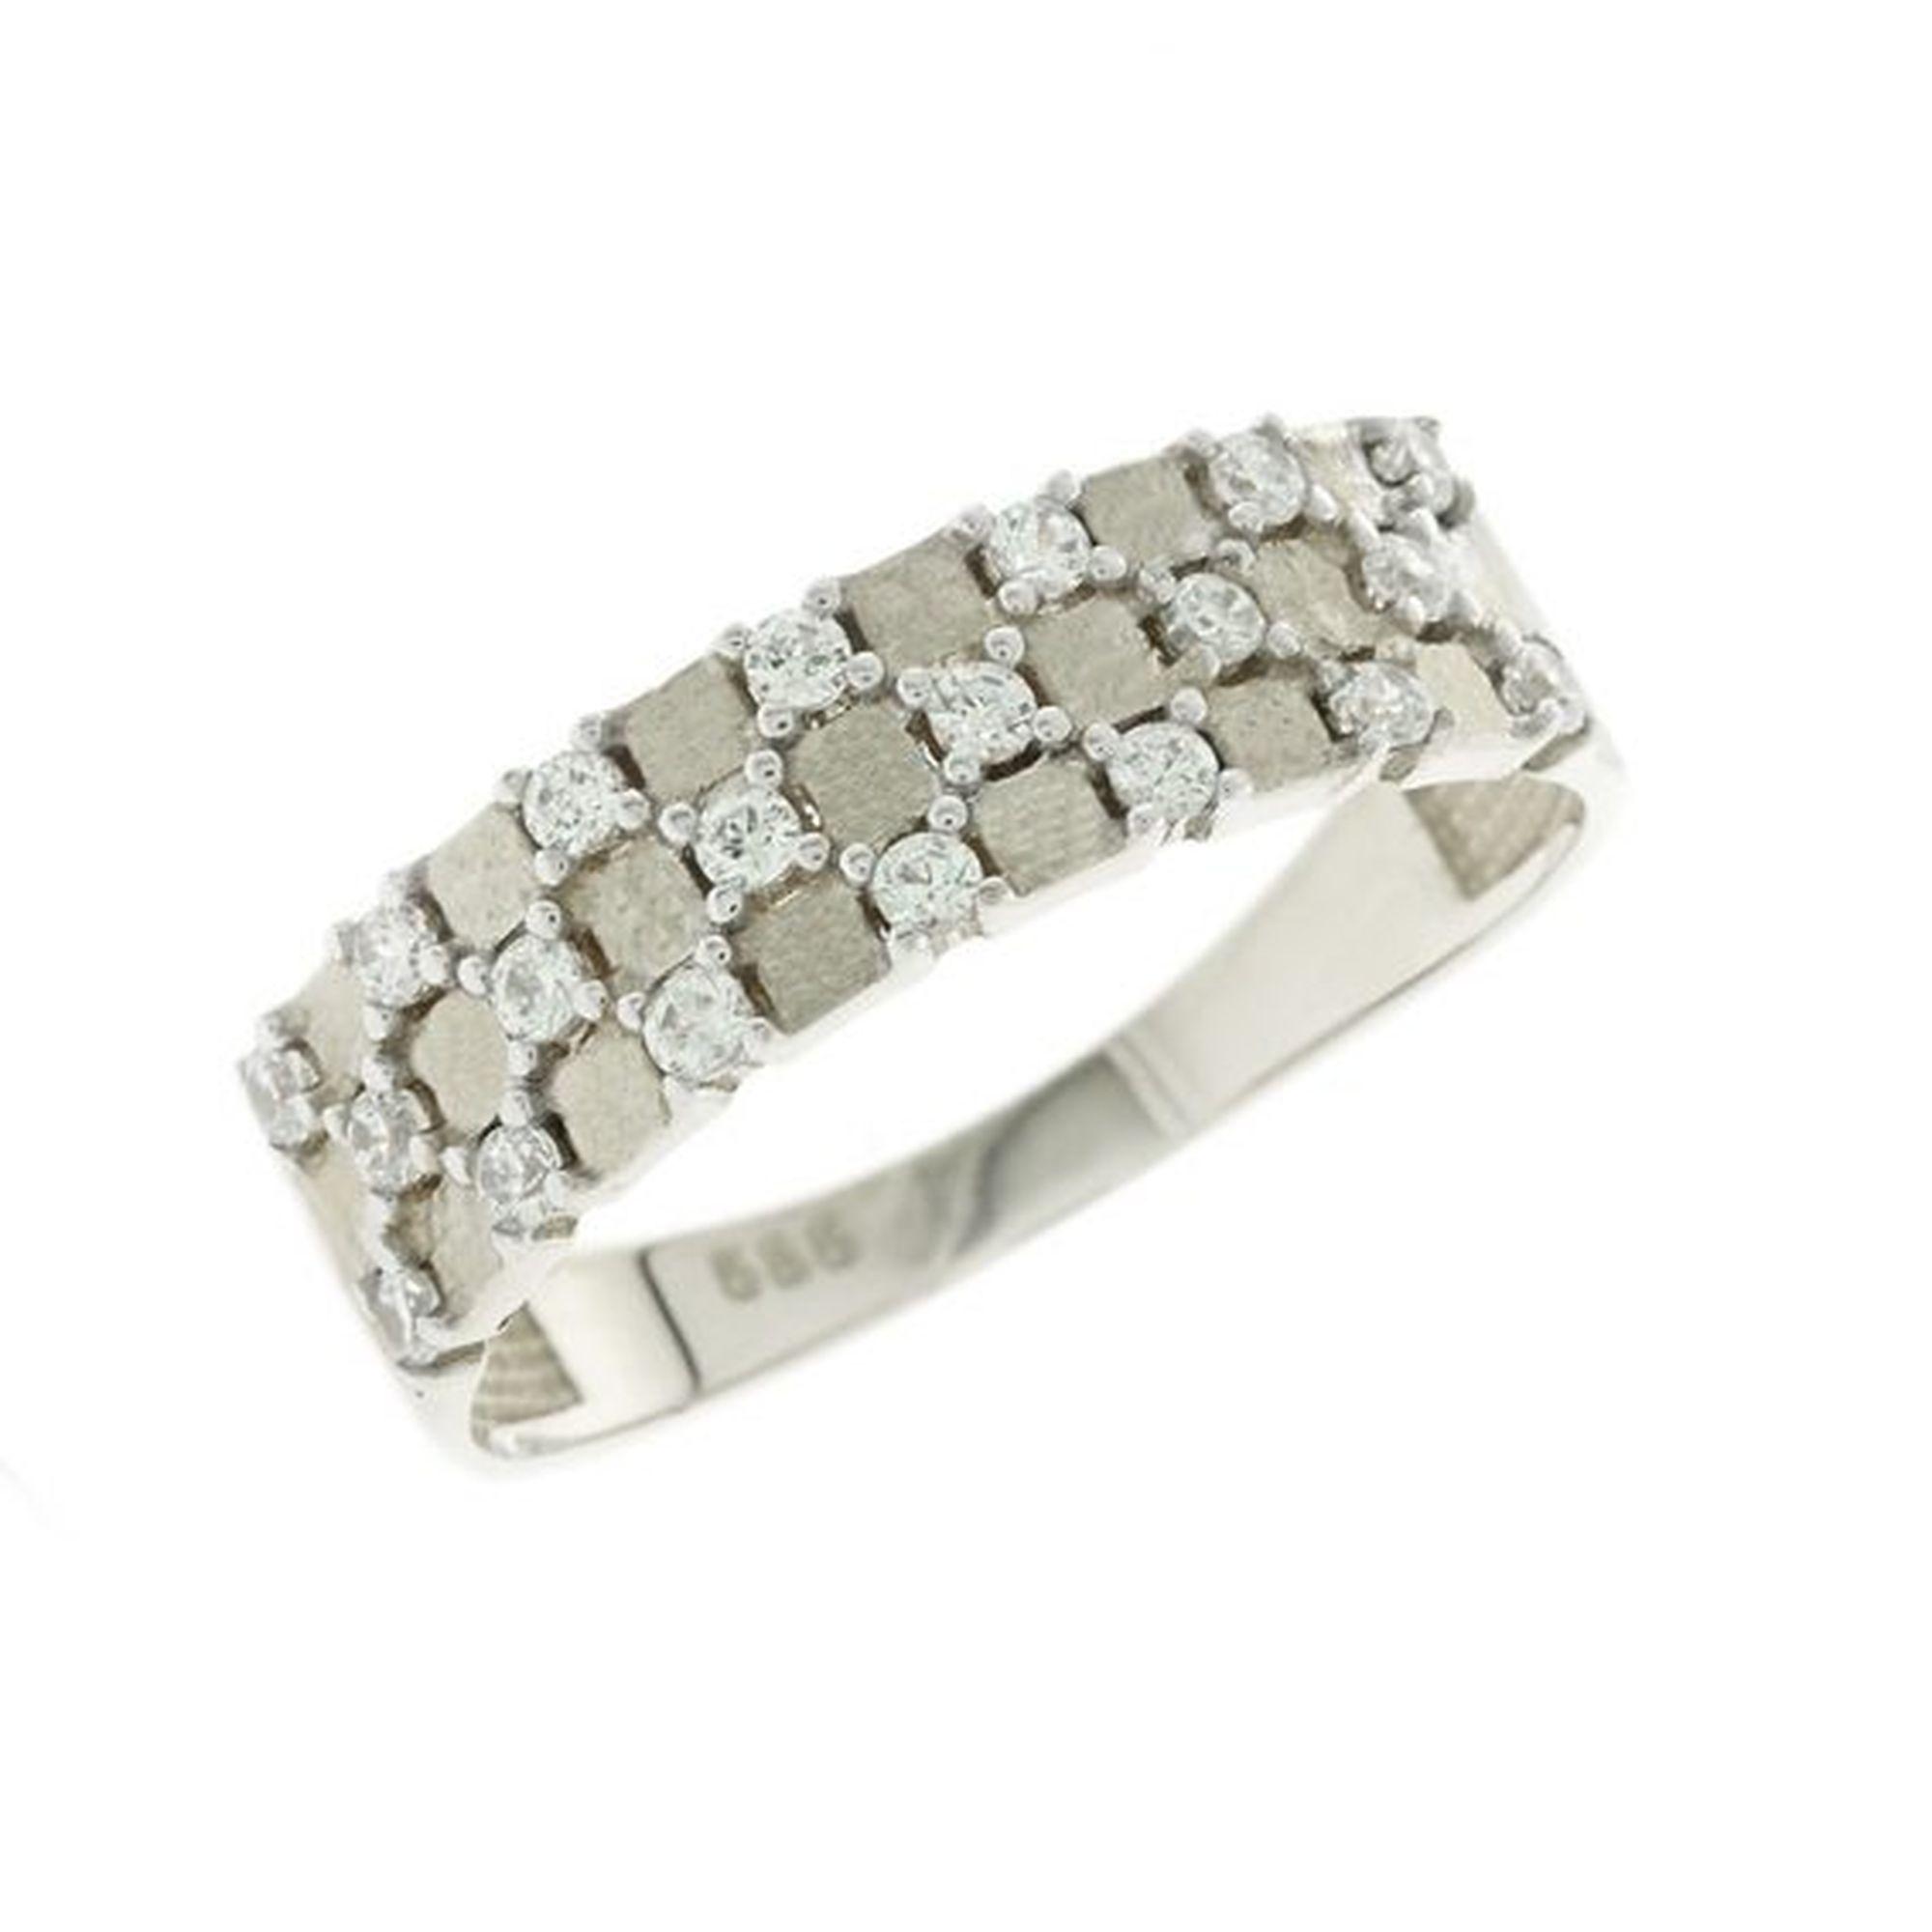 Δαχτυλίδι χρυσό με λευκές ζιργκόν 052871